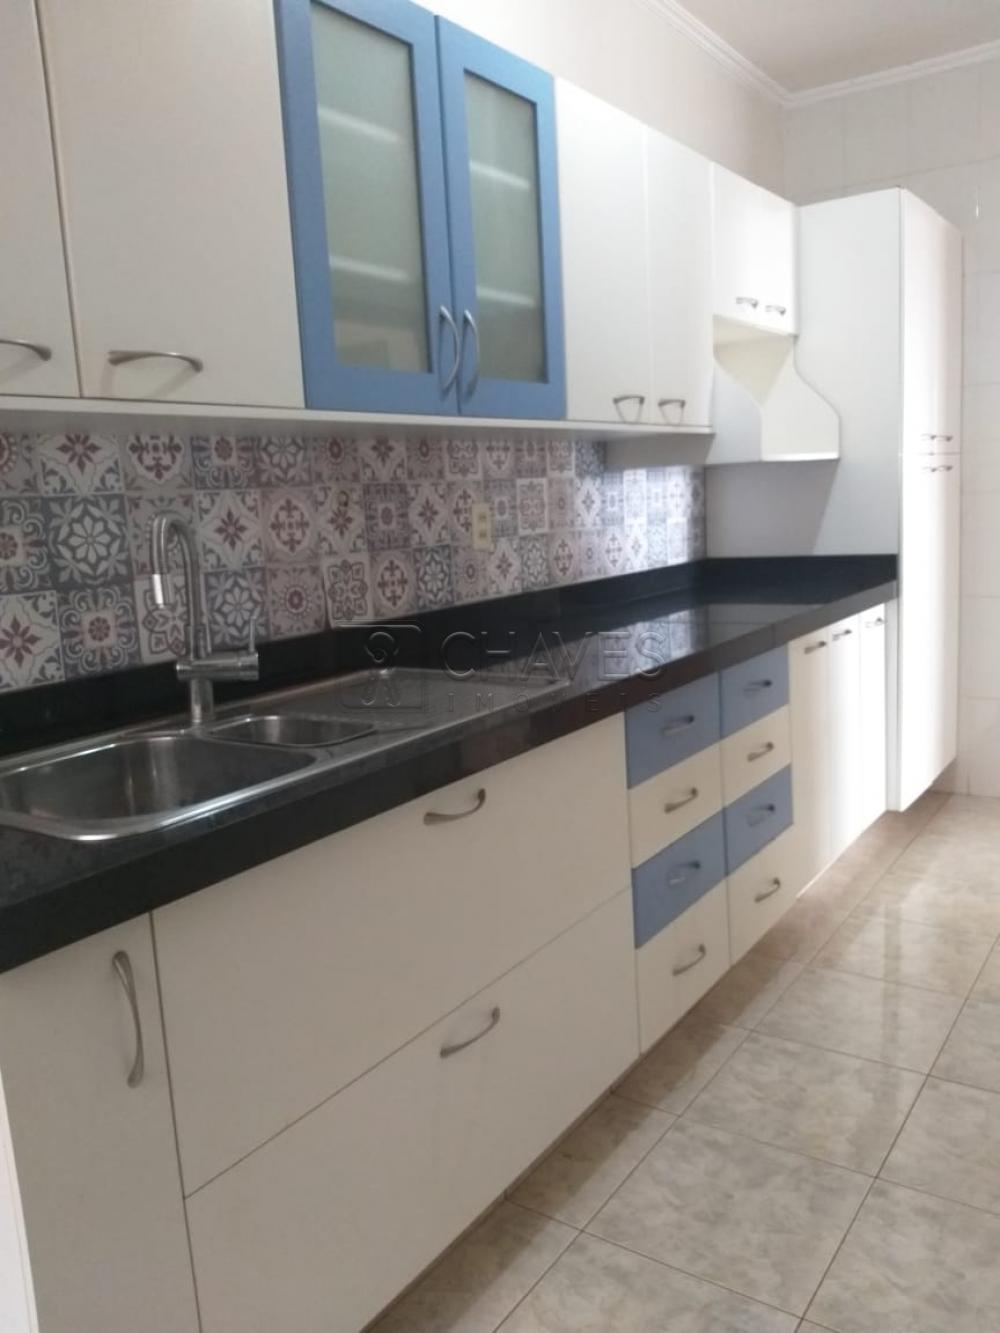 Comprar Apartamento / Padrão em Ribeirão Preto apenas R$ 480.000,00 - Foto 9